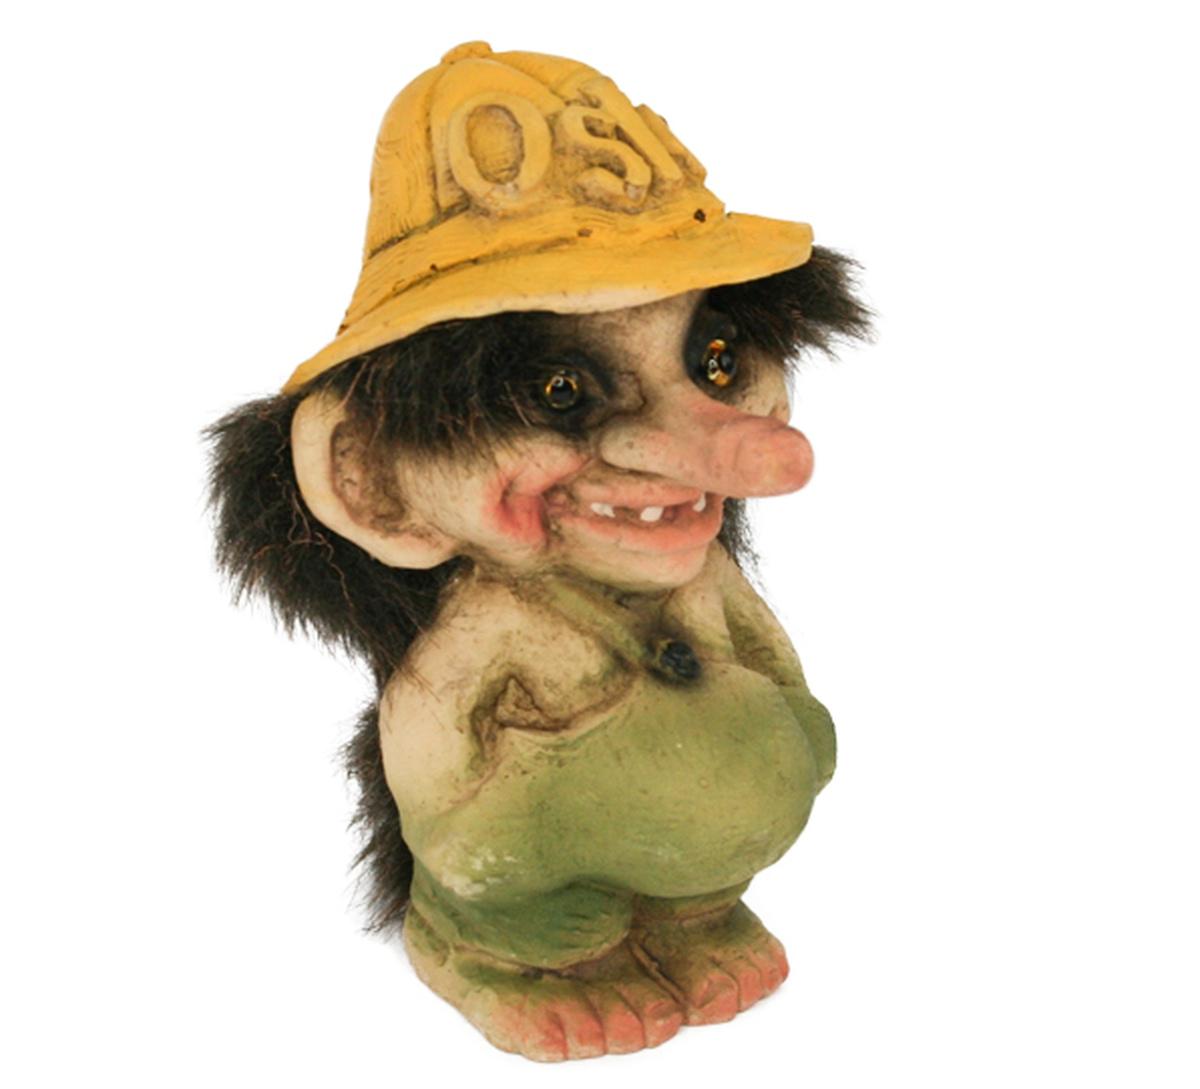 Troll, small boy with hat (Troll # 215)